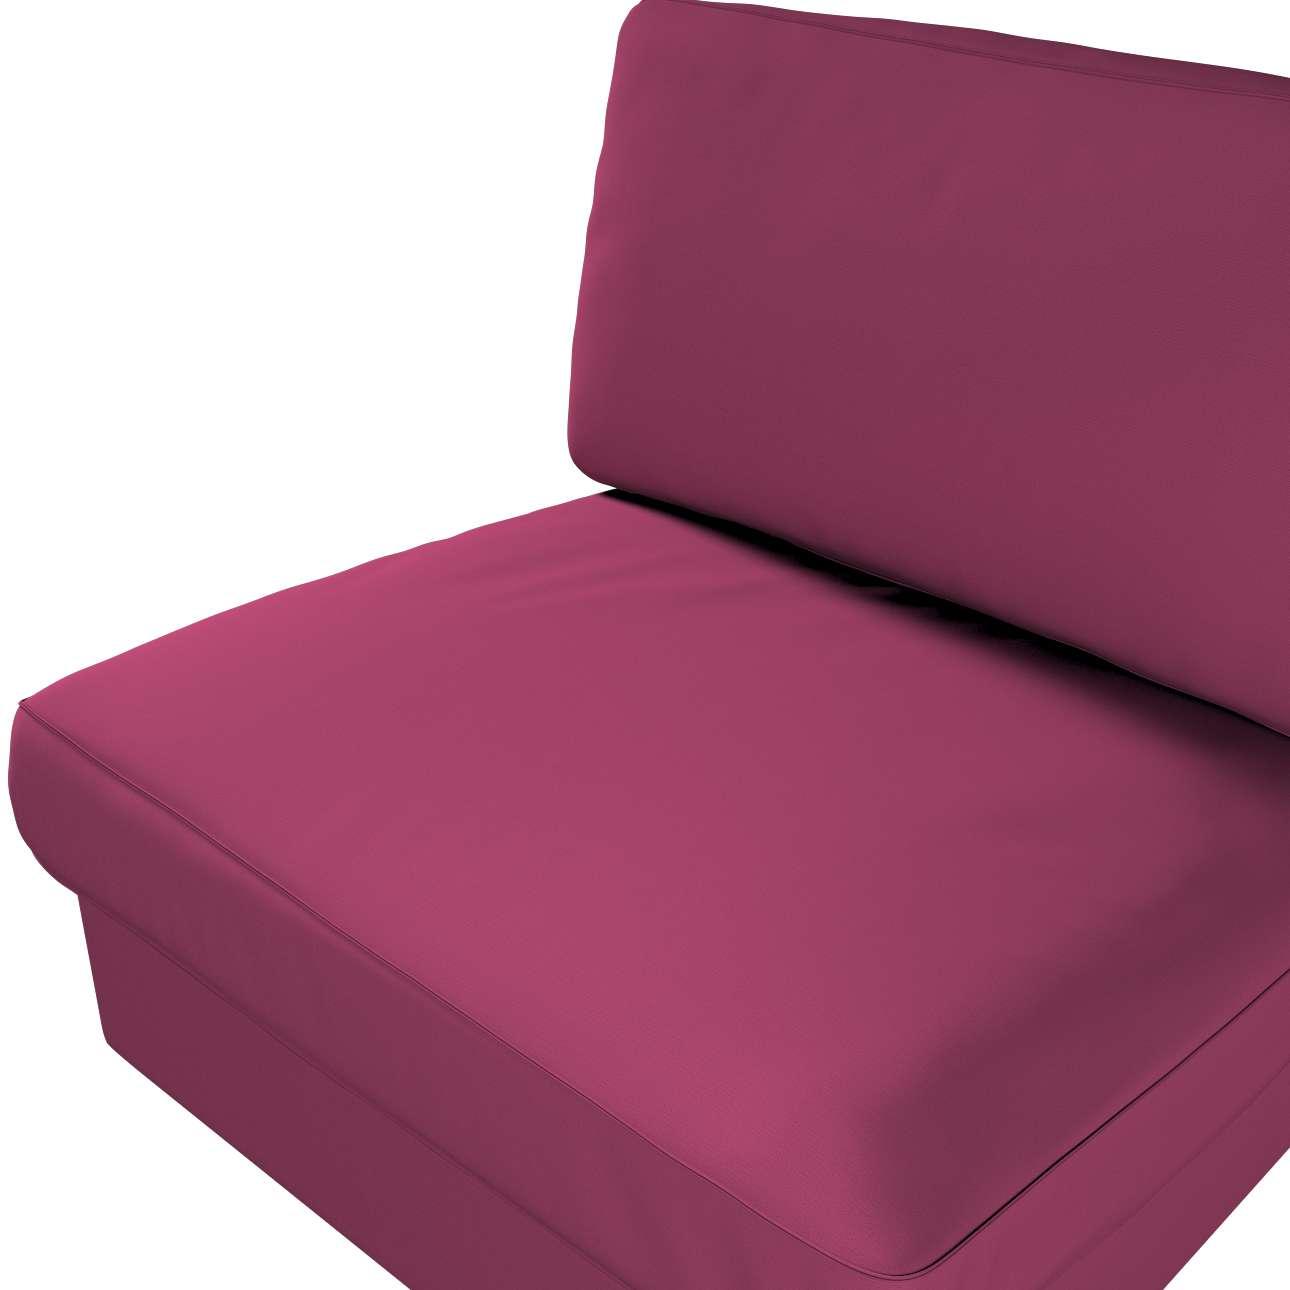 Pokrowiec na fotel Kivik w kolekcji Cotton Panama, tkanina: 702-32